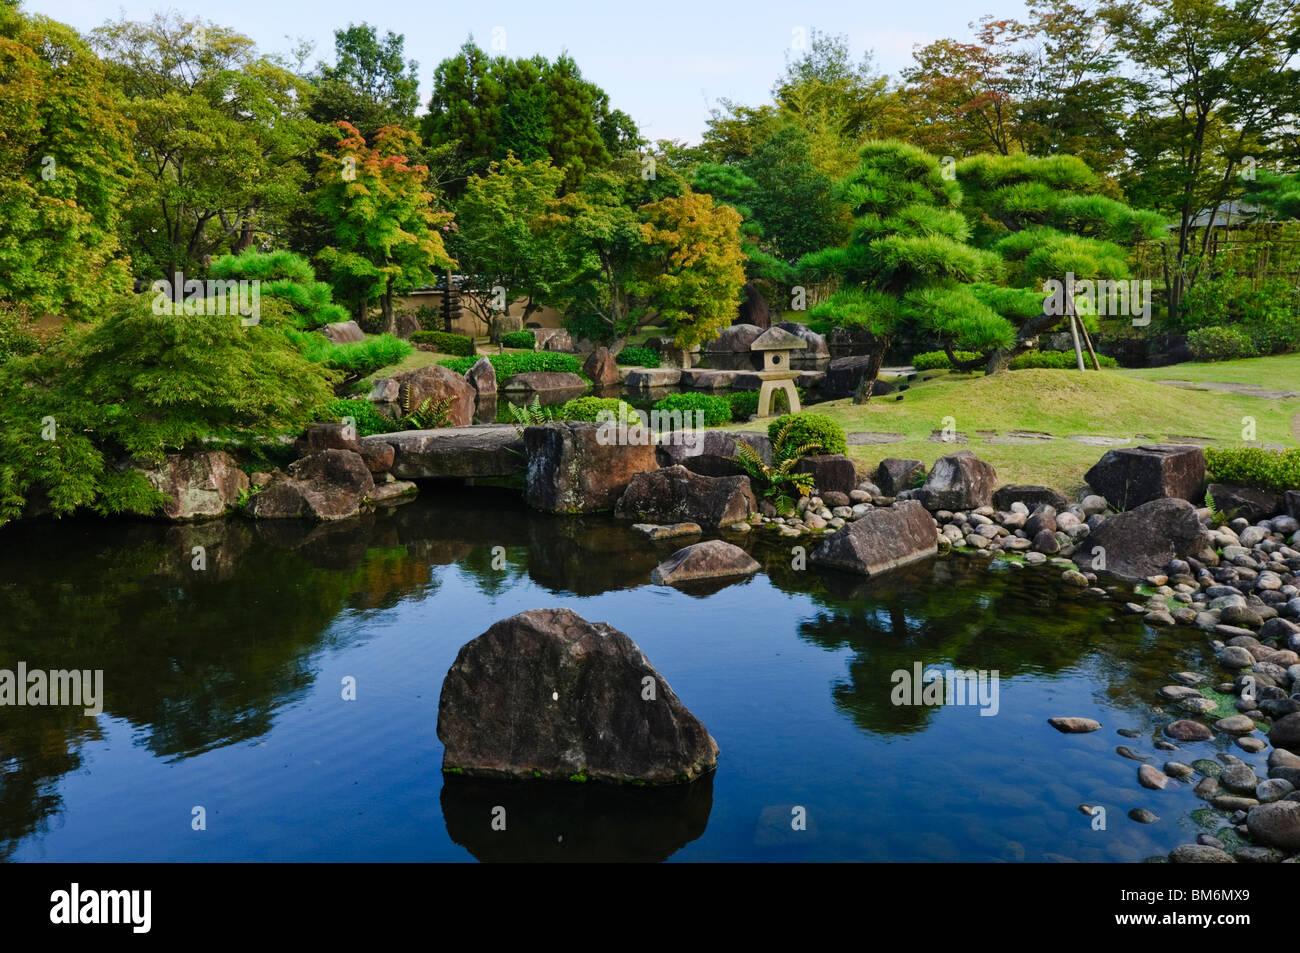 Koko-en Garden, Tsukiyama-chisen-no-niwa, Himeji, Hyogo Prefecture, Kansai region, Honshu Island, Japan - Stock Image